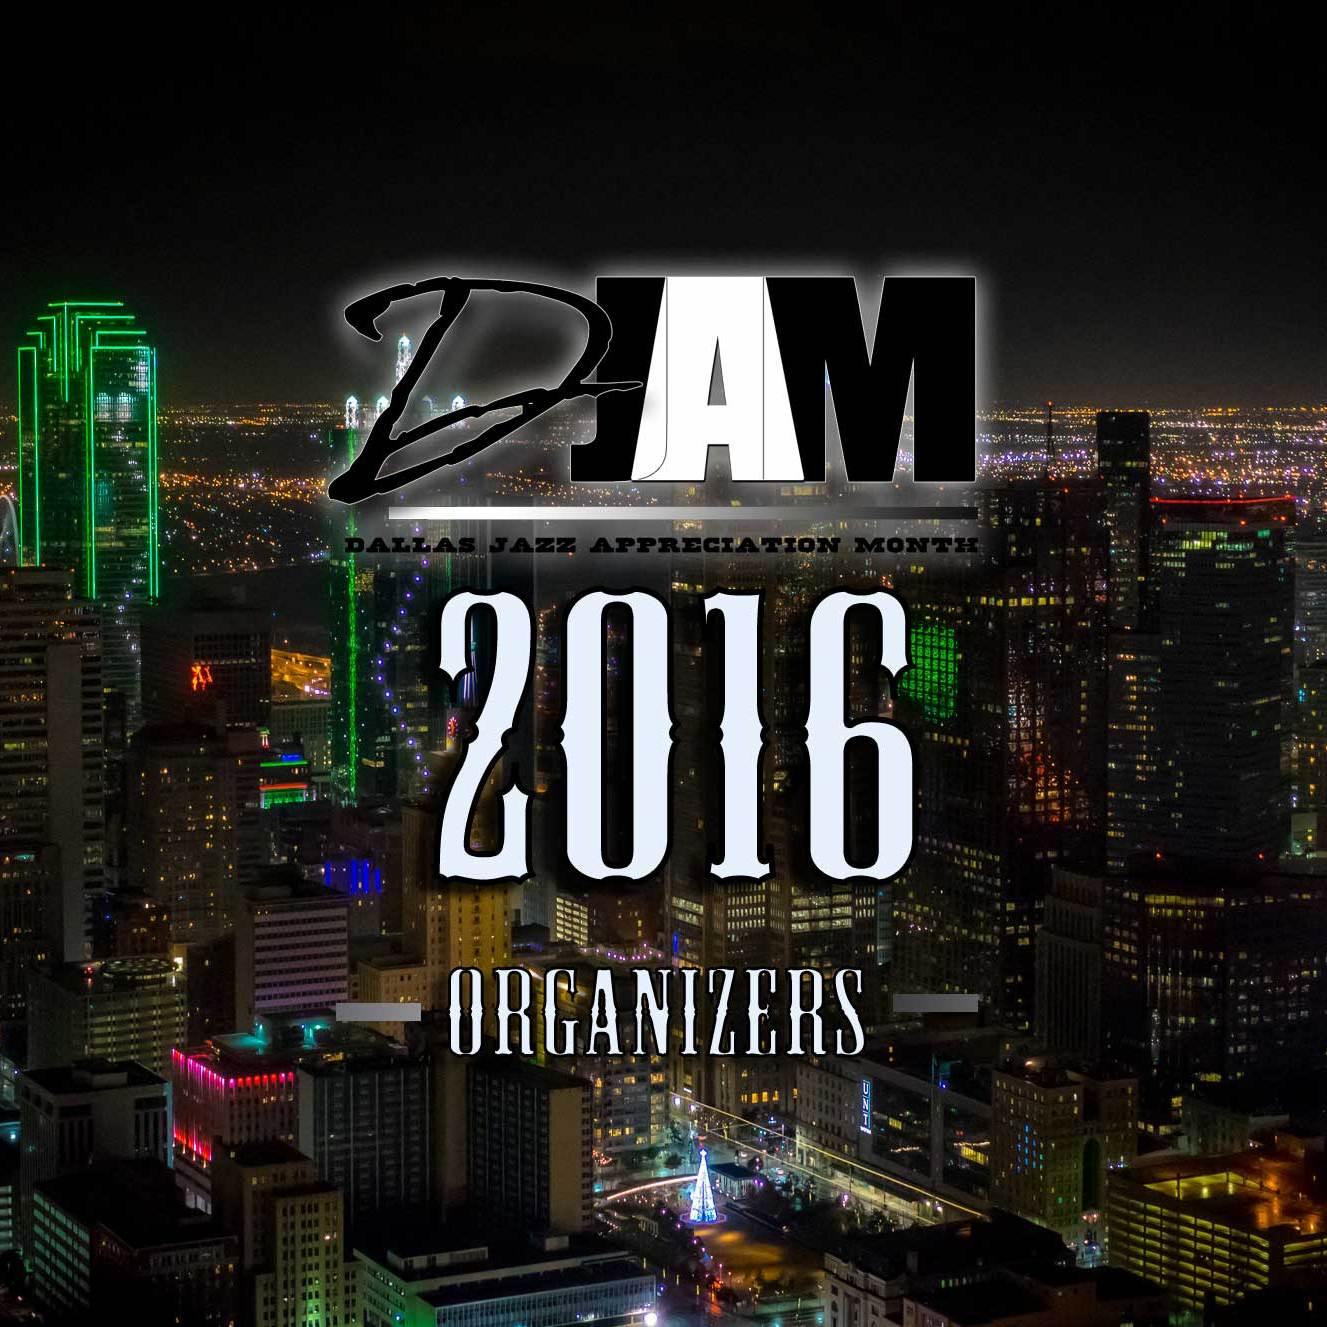 DJAM: D Jazz Appreciation Month